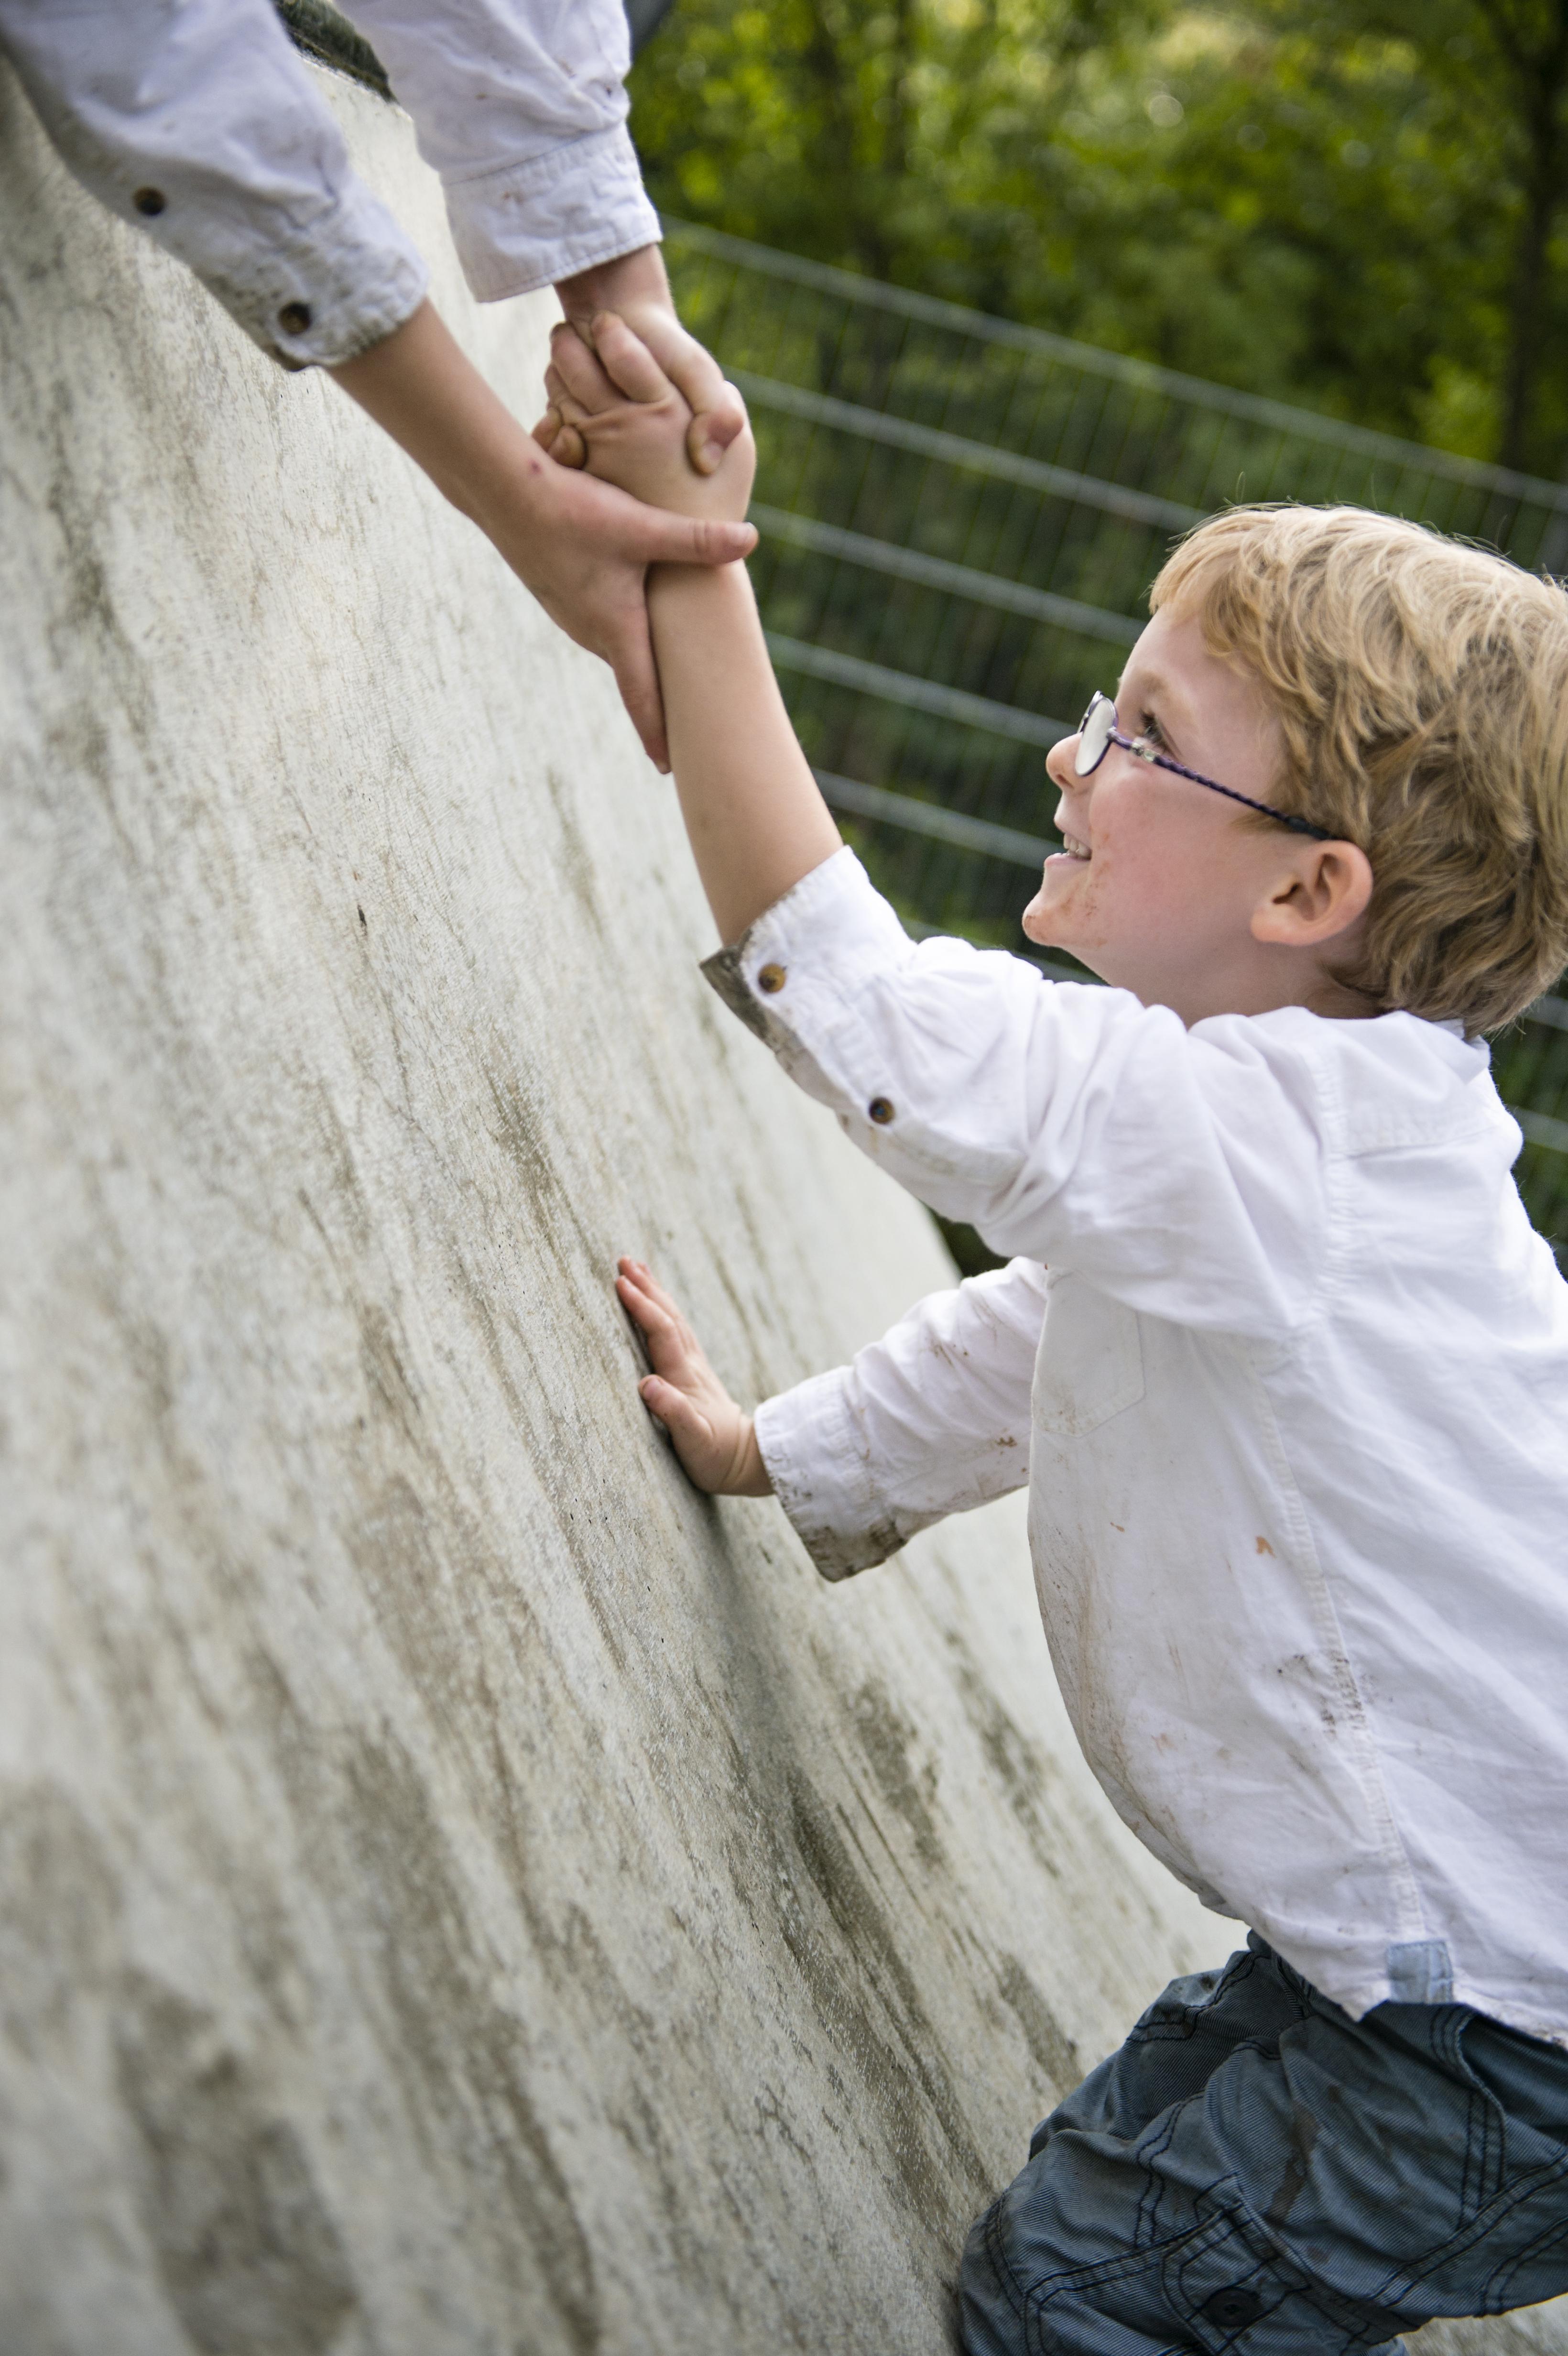 Kind mit Brille hält anderes Kind fest